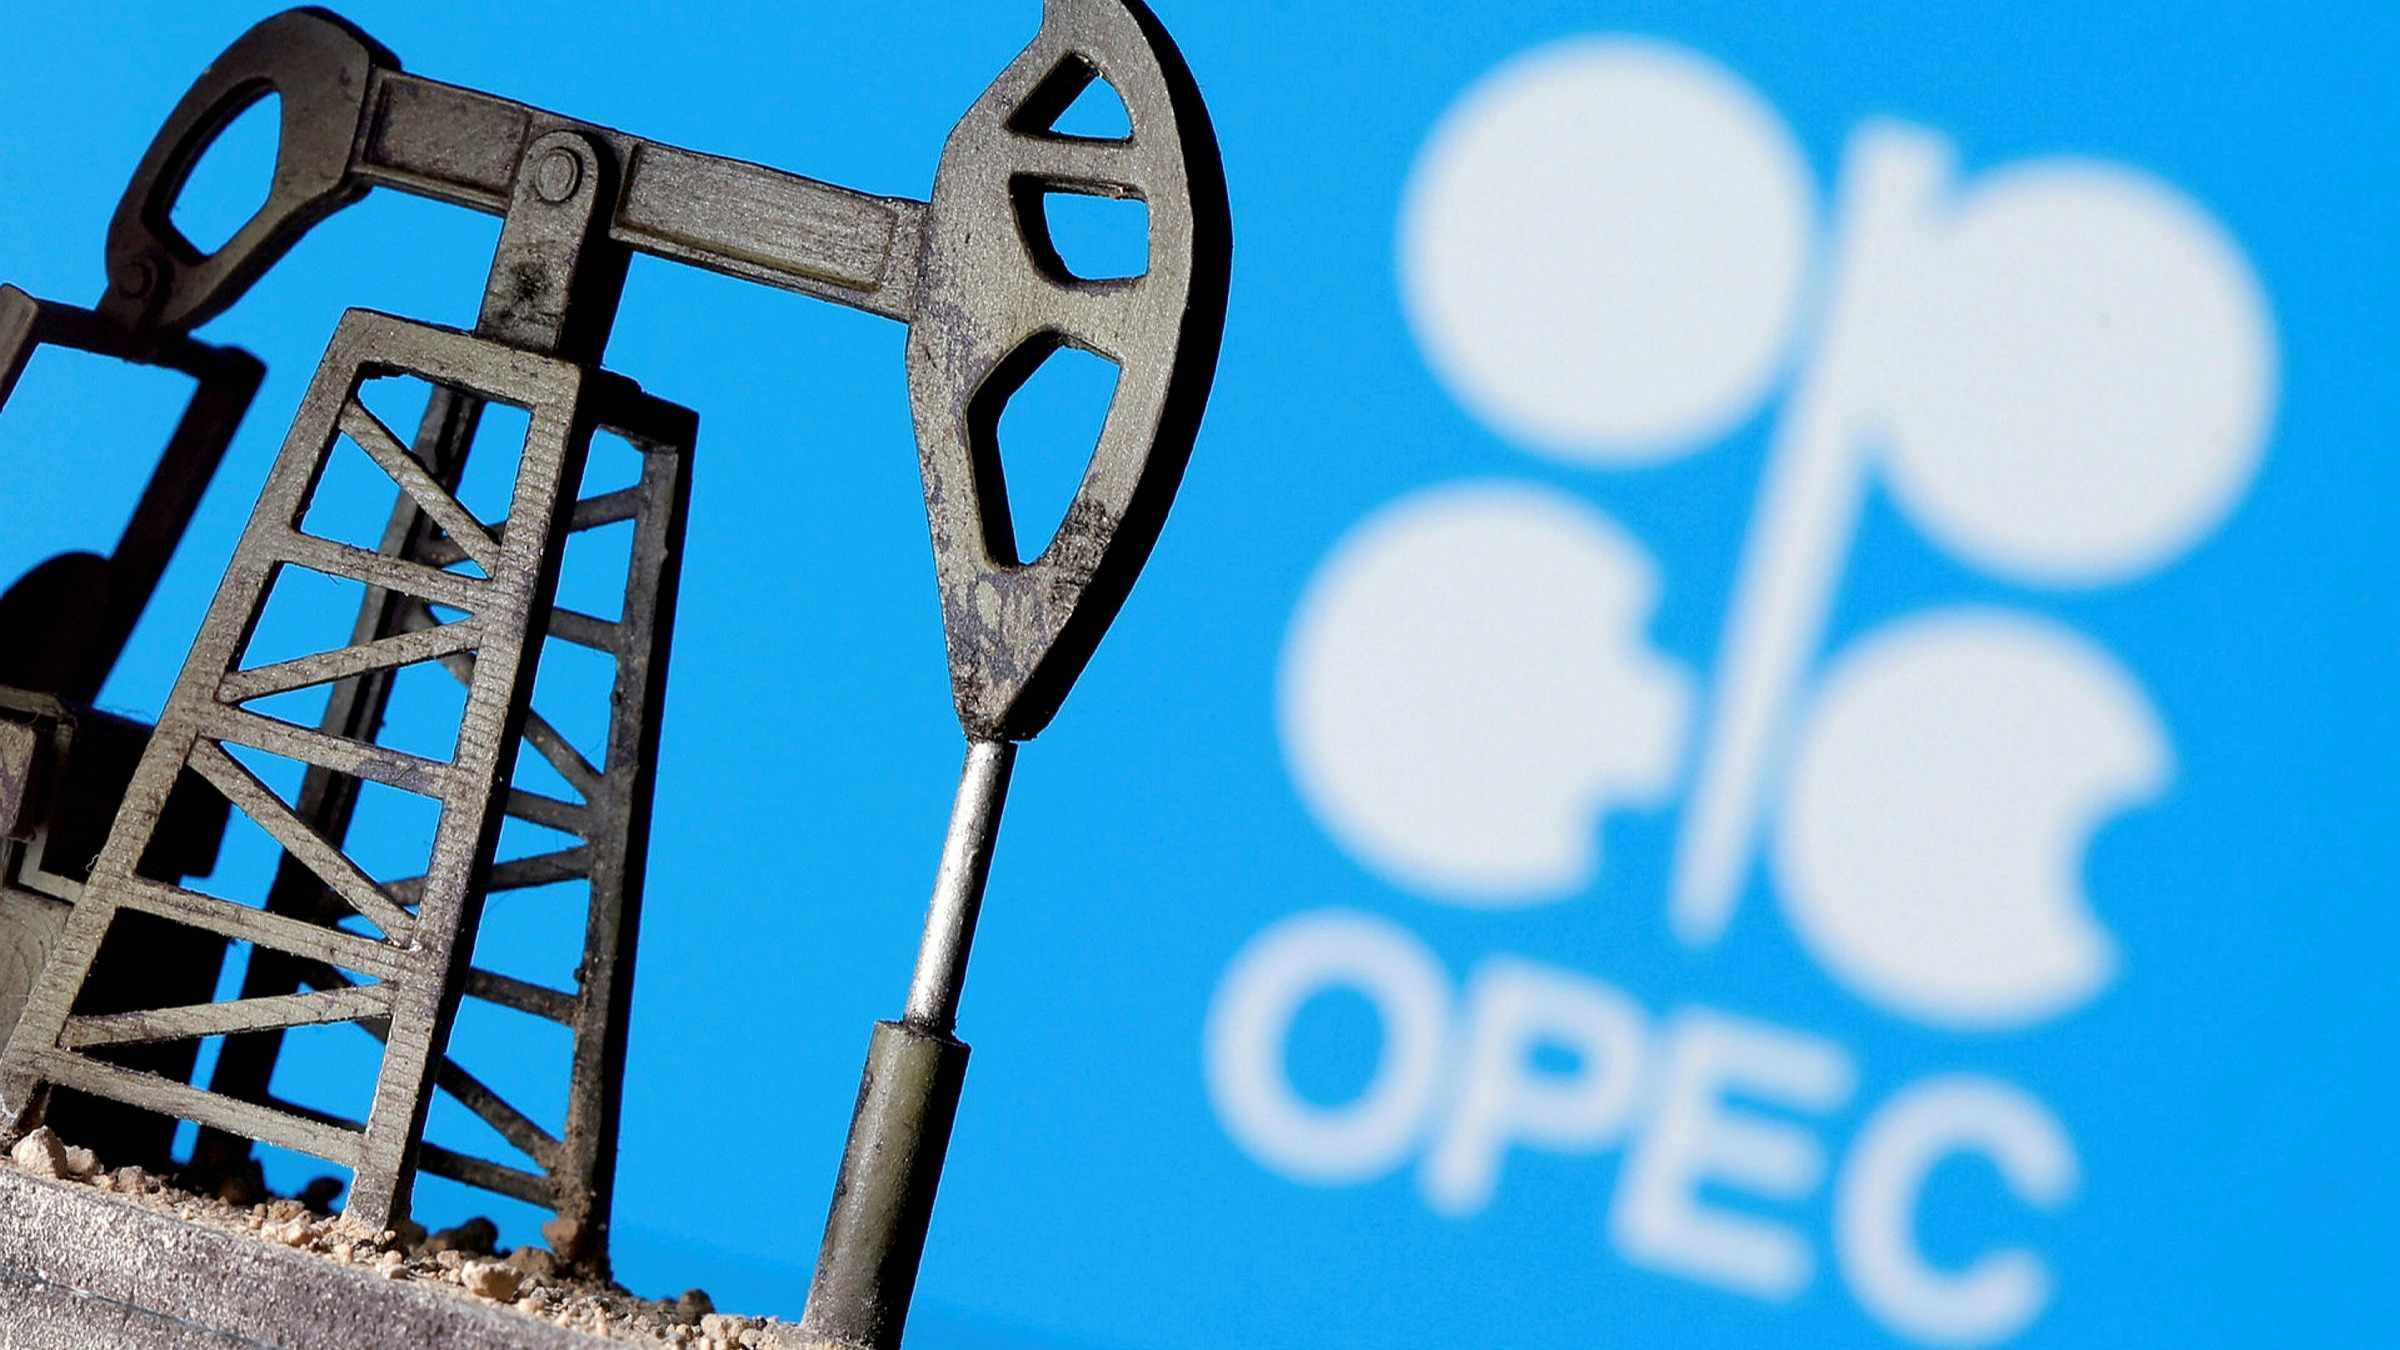 opec oil production reaches raise